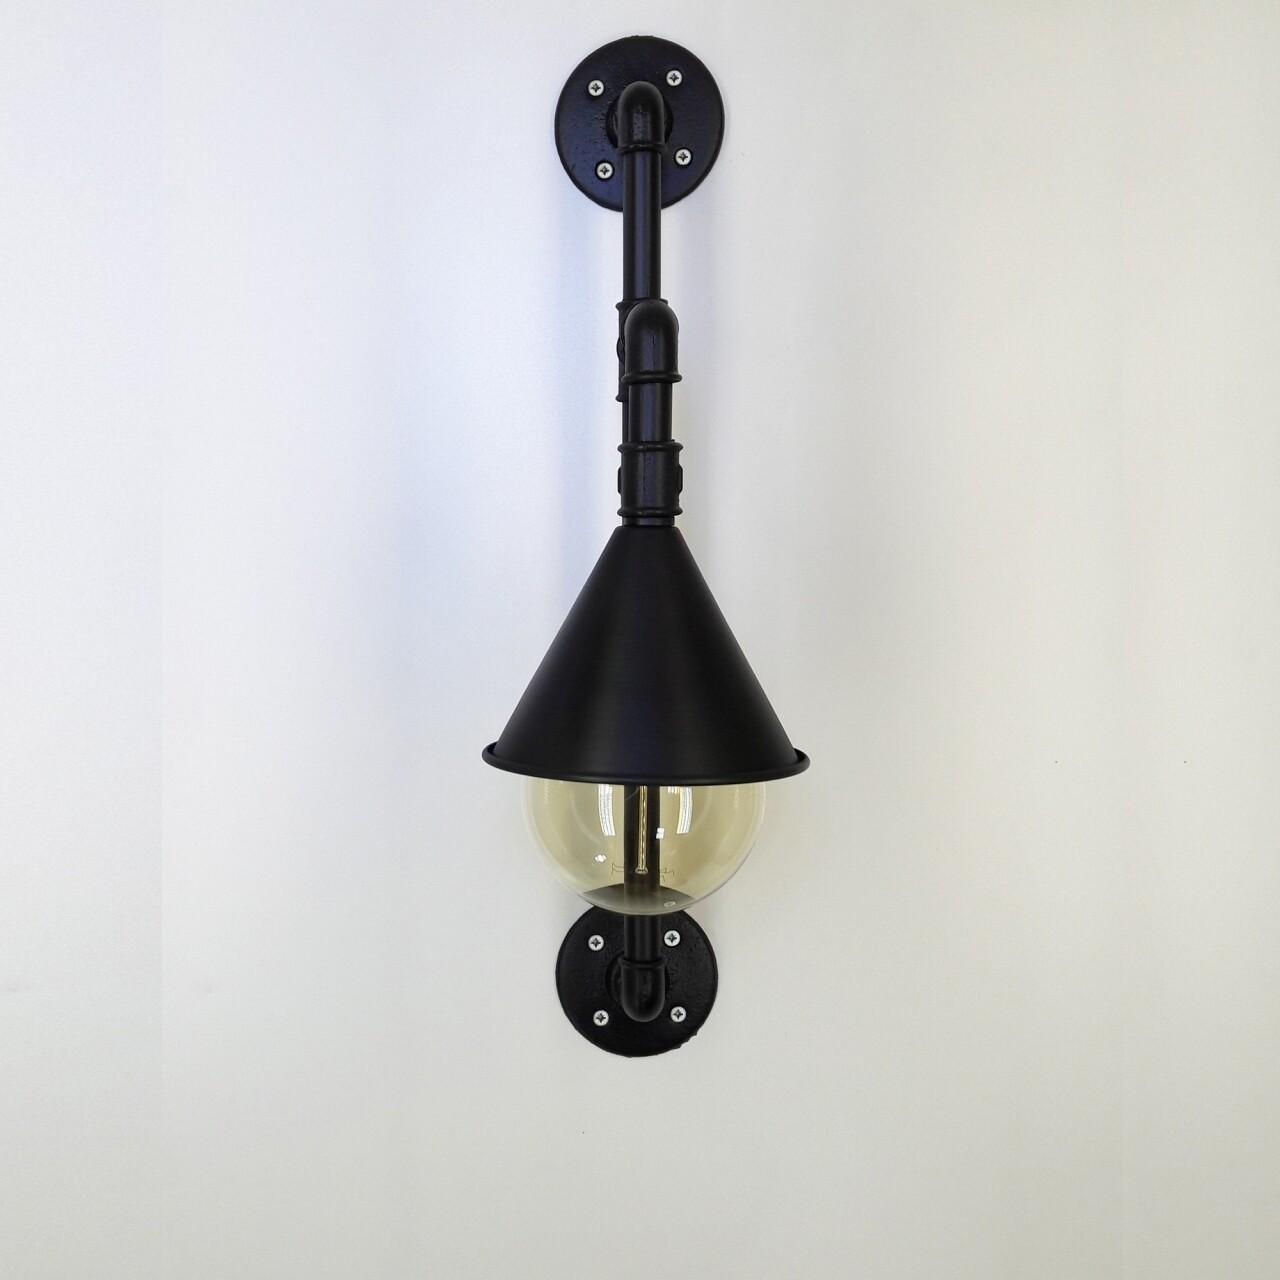 Aplica de perete All Design, metal, 16x30x61 cm, Black